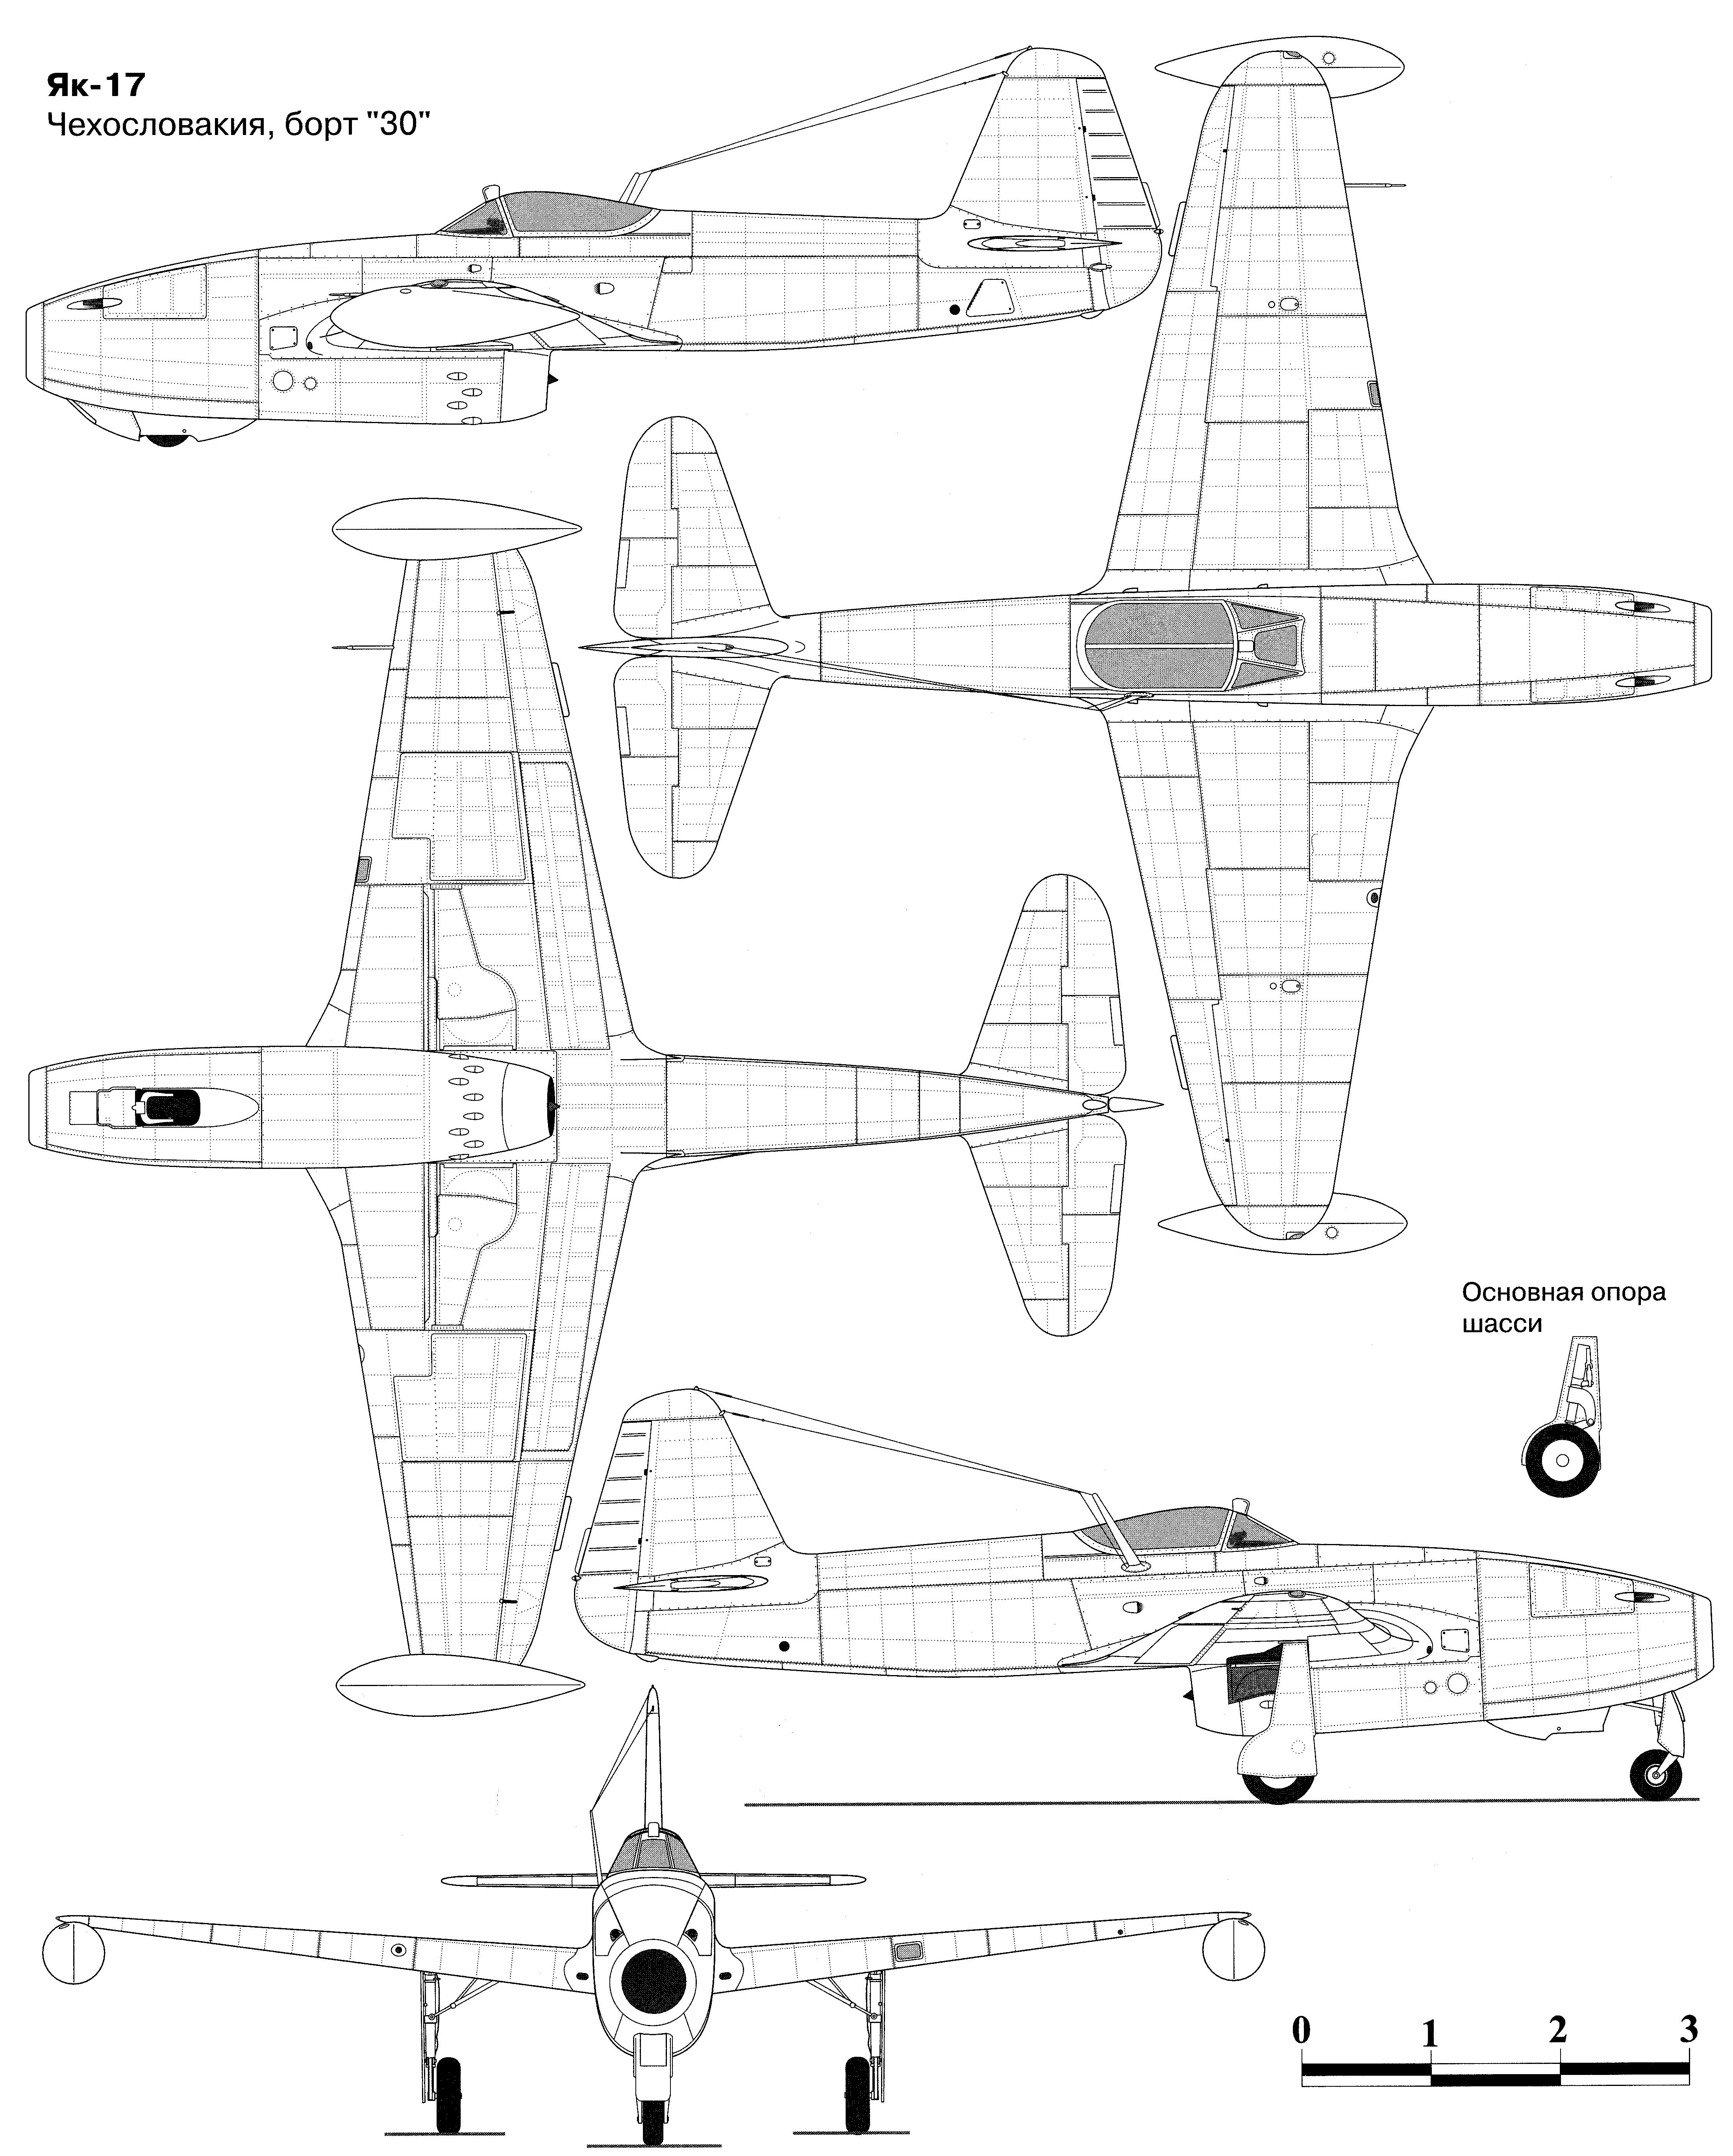 Yak-17 blueprint